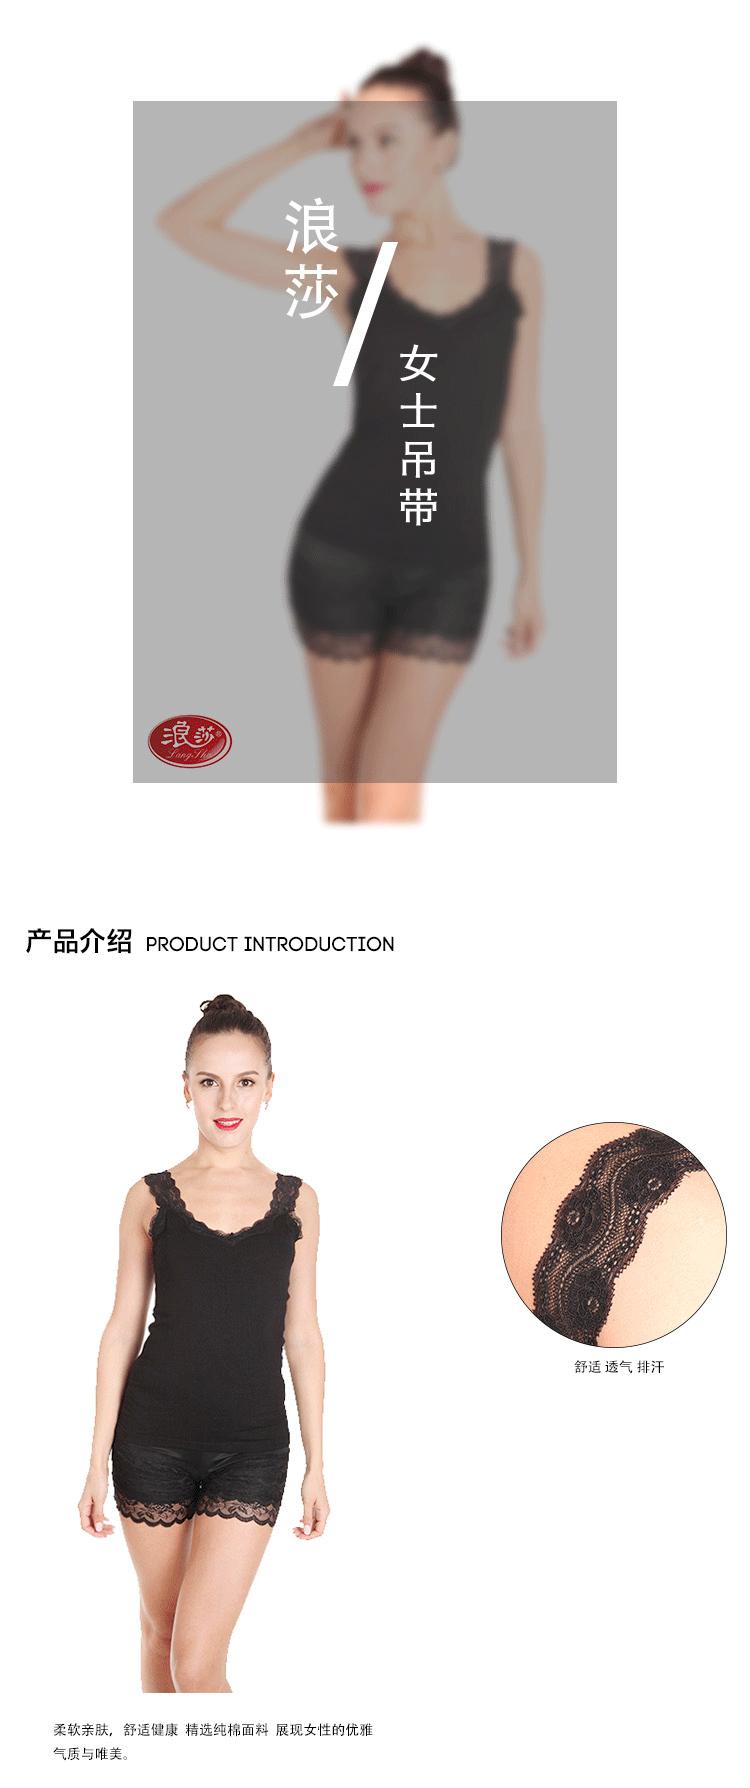 N66010 浪莎 吊带背心女打底衫内搭修身蕾丝无袖小背心针织吊带衫薄款 包邮报价